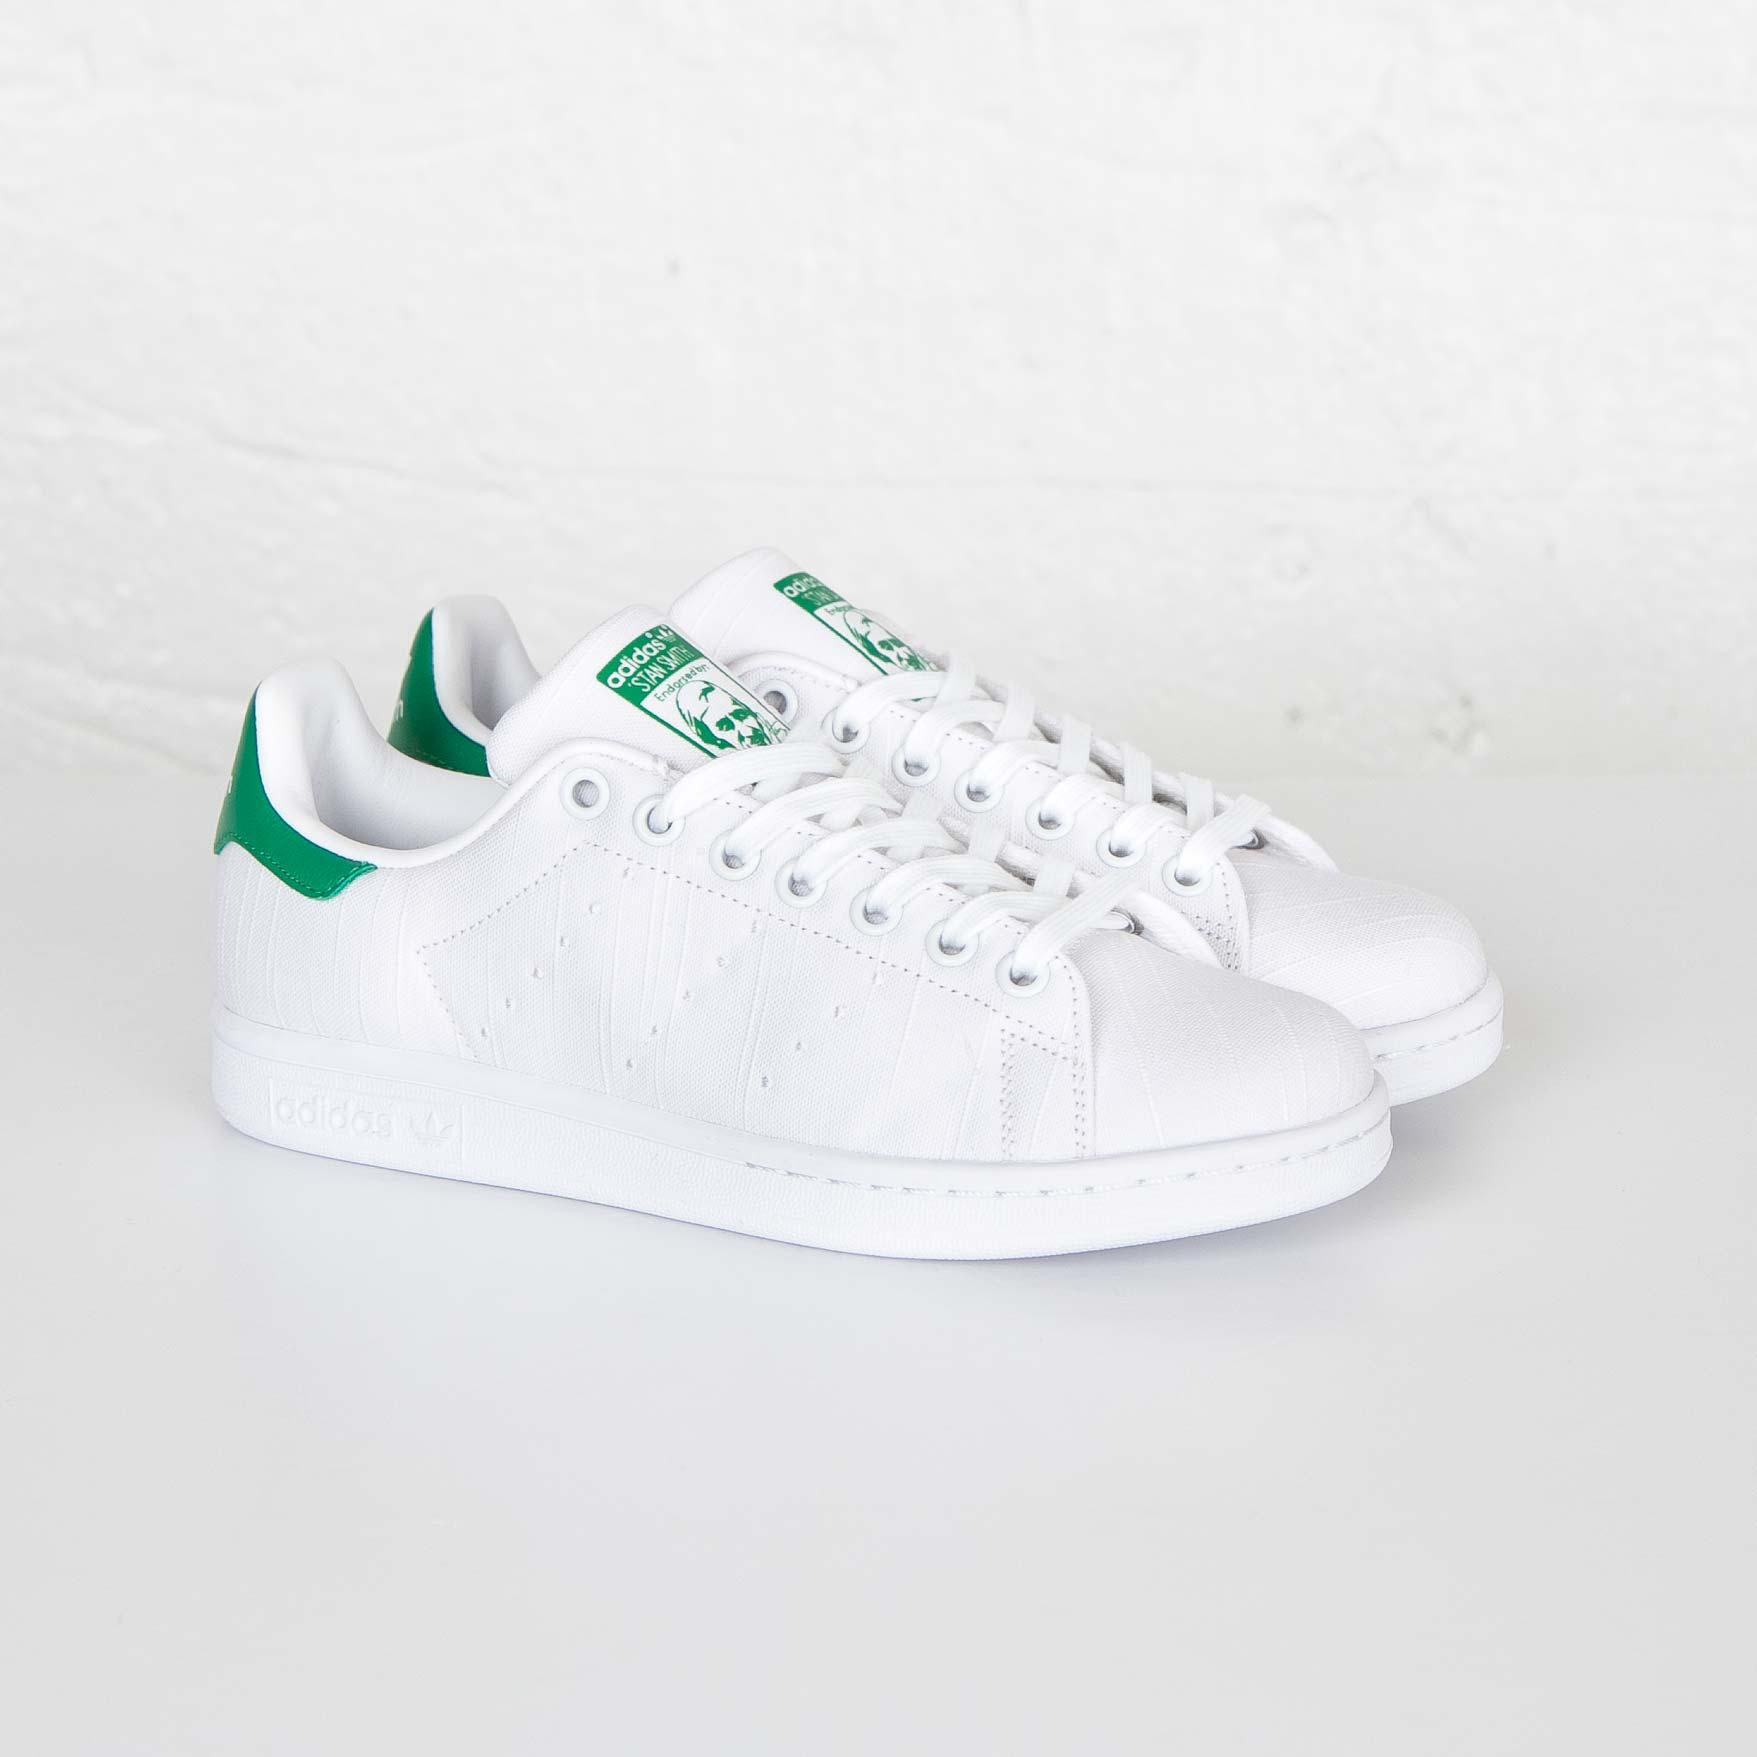 adidas superstar blancas con verde